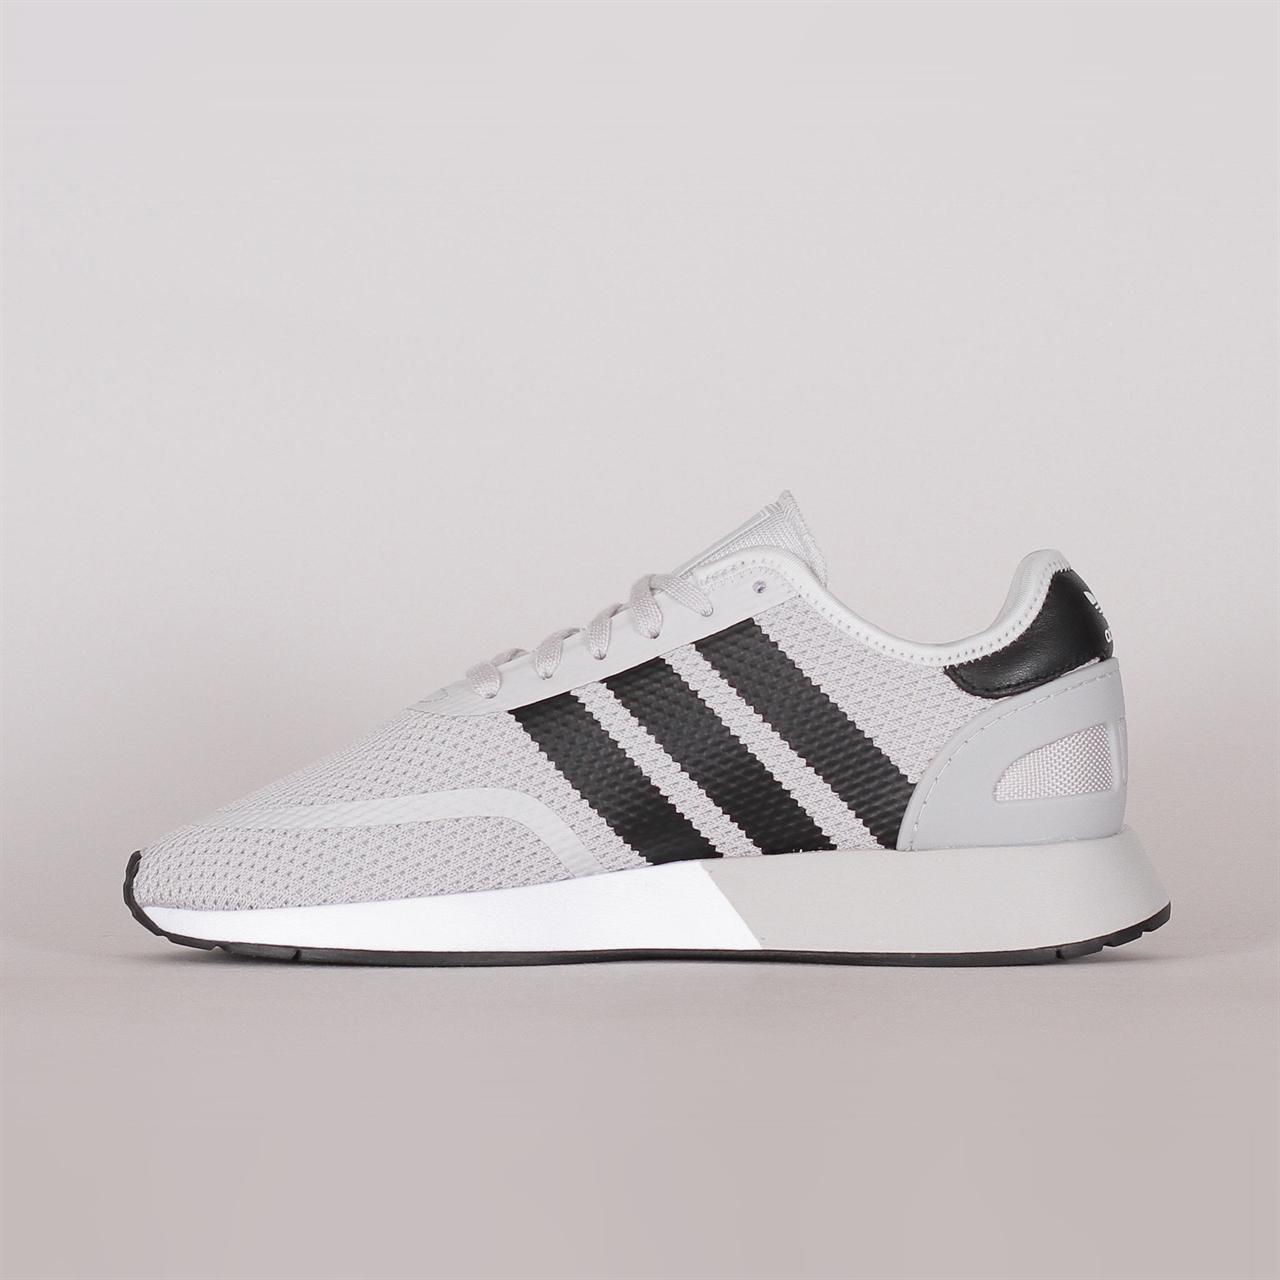 online store 84d7b 1703e Shelta - Adidas Originals N-5923 (AQ1125)